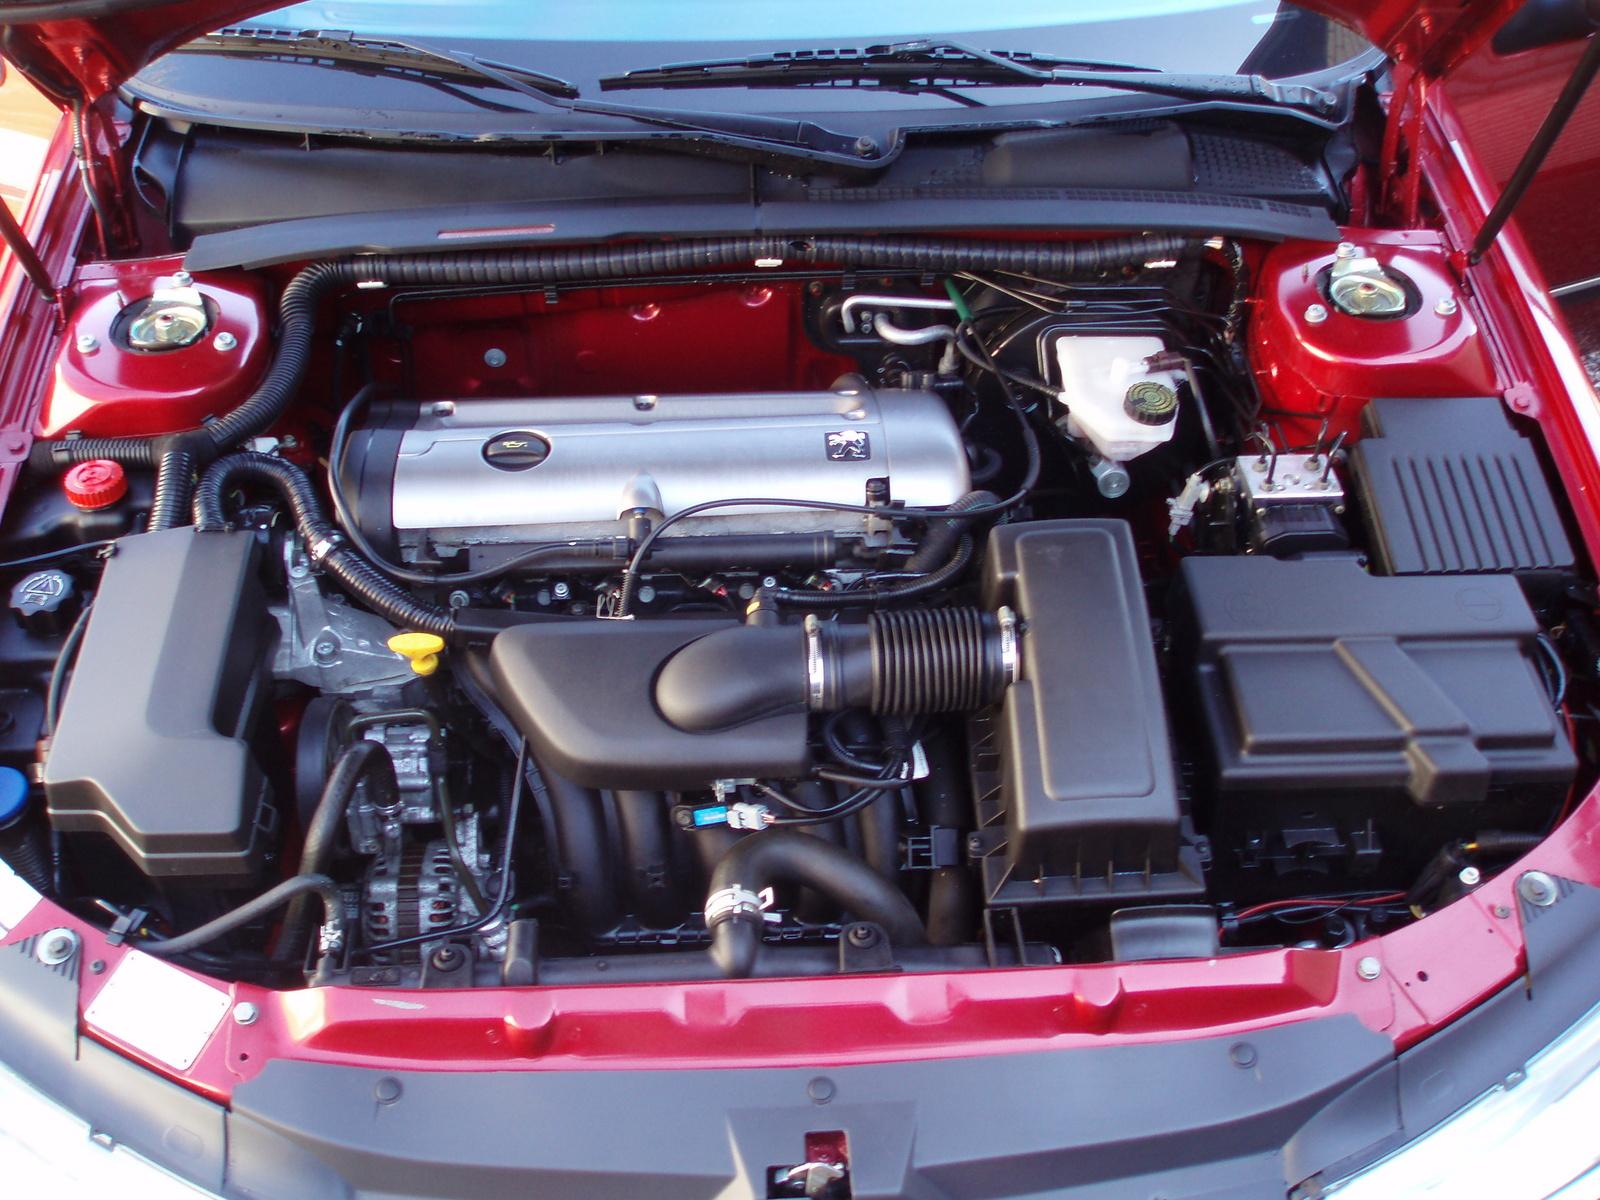 cargurus.com2001 Peugeot 406 picture